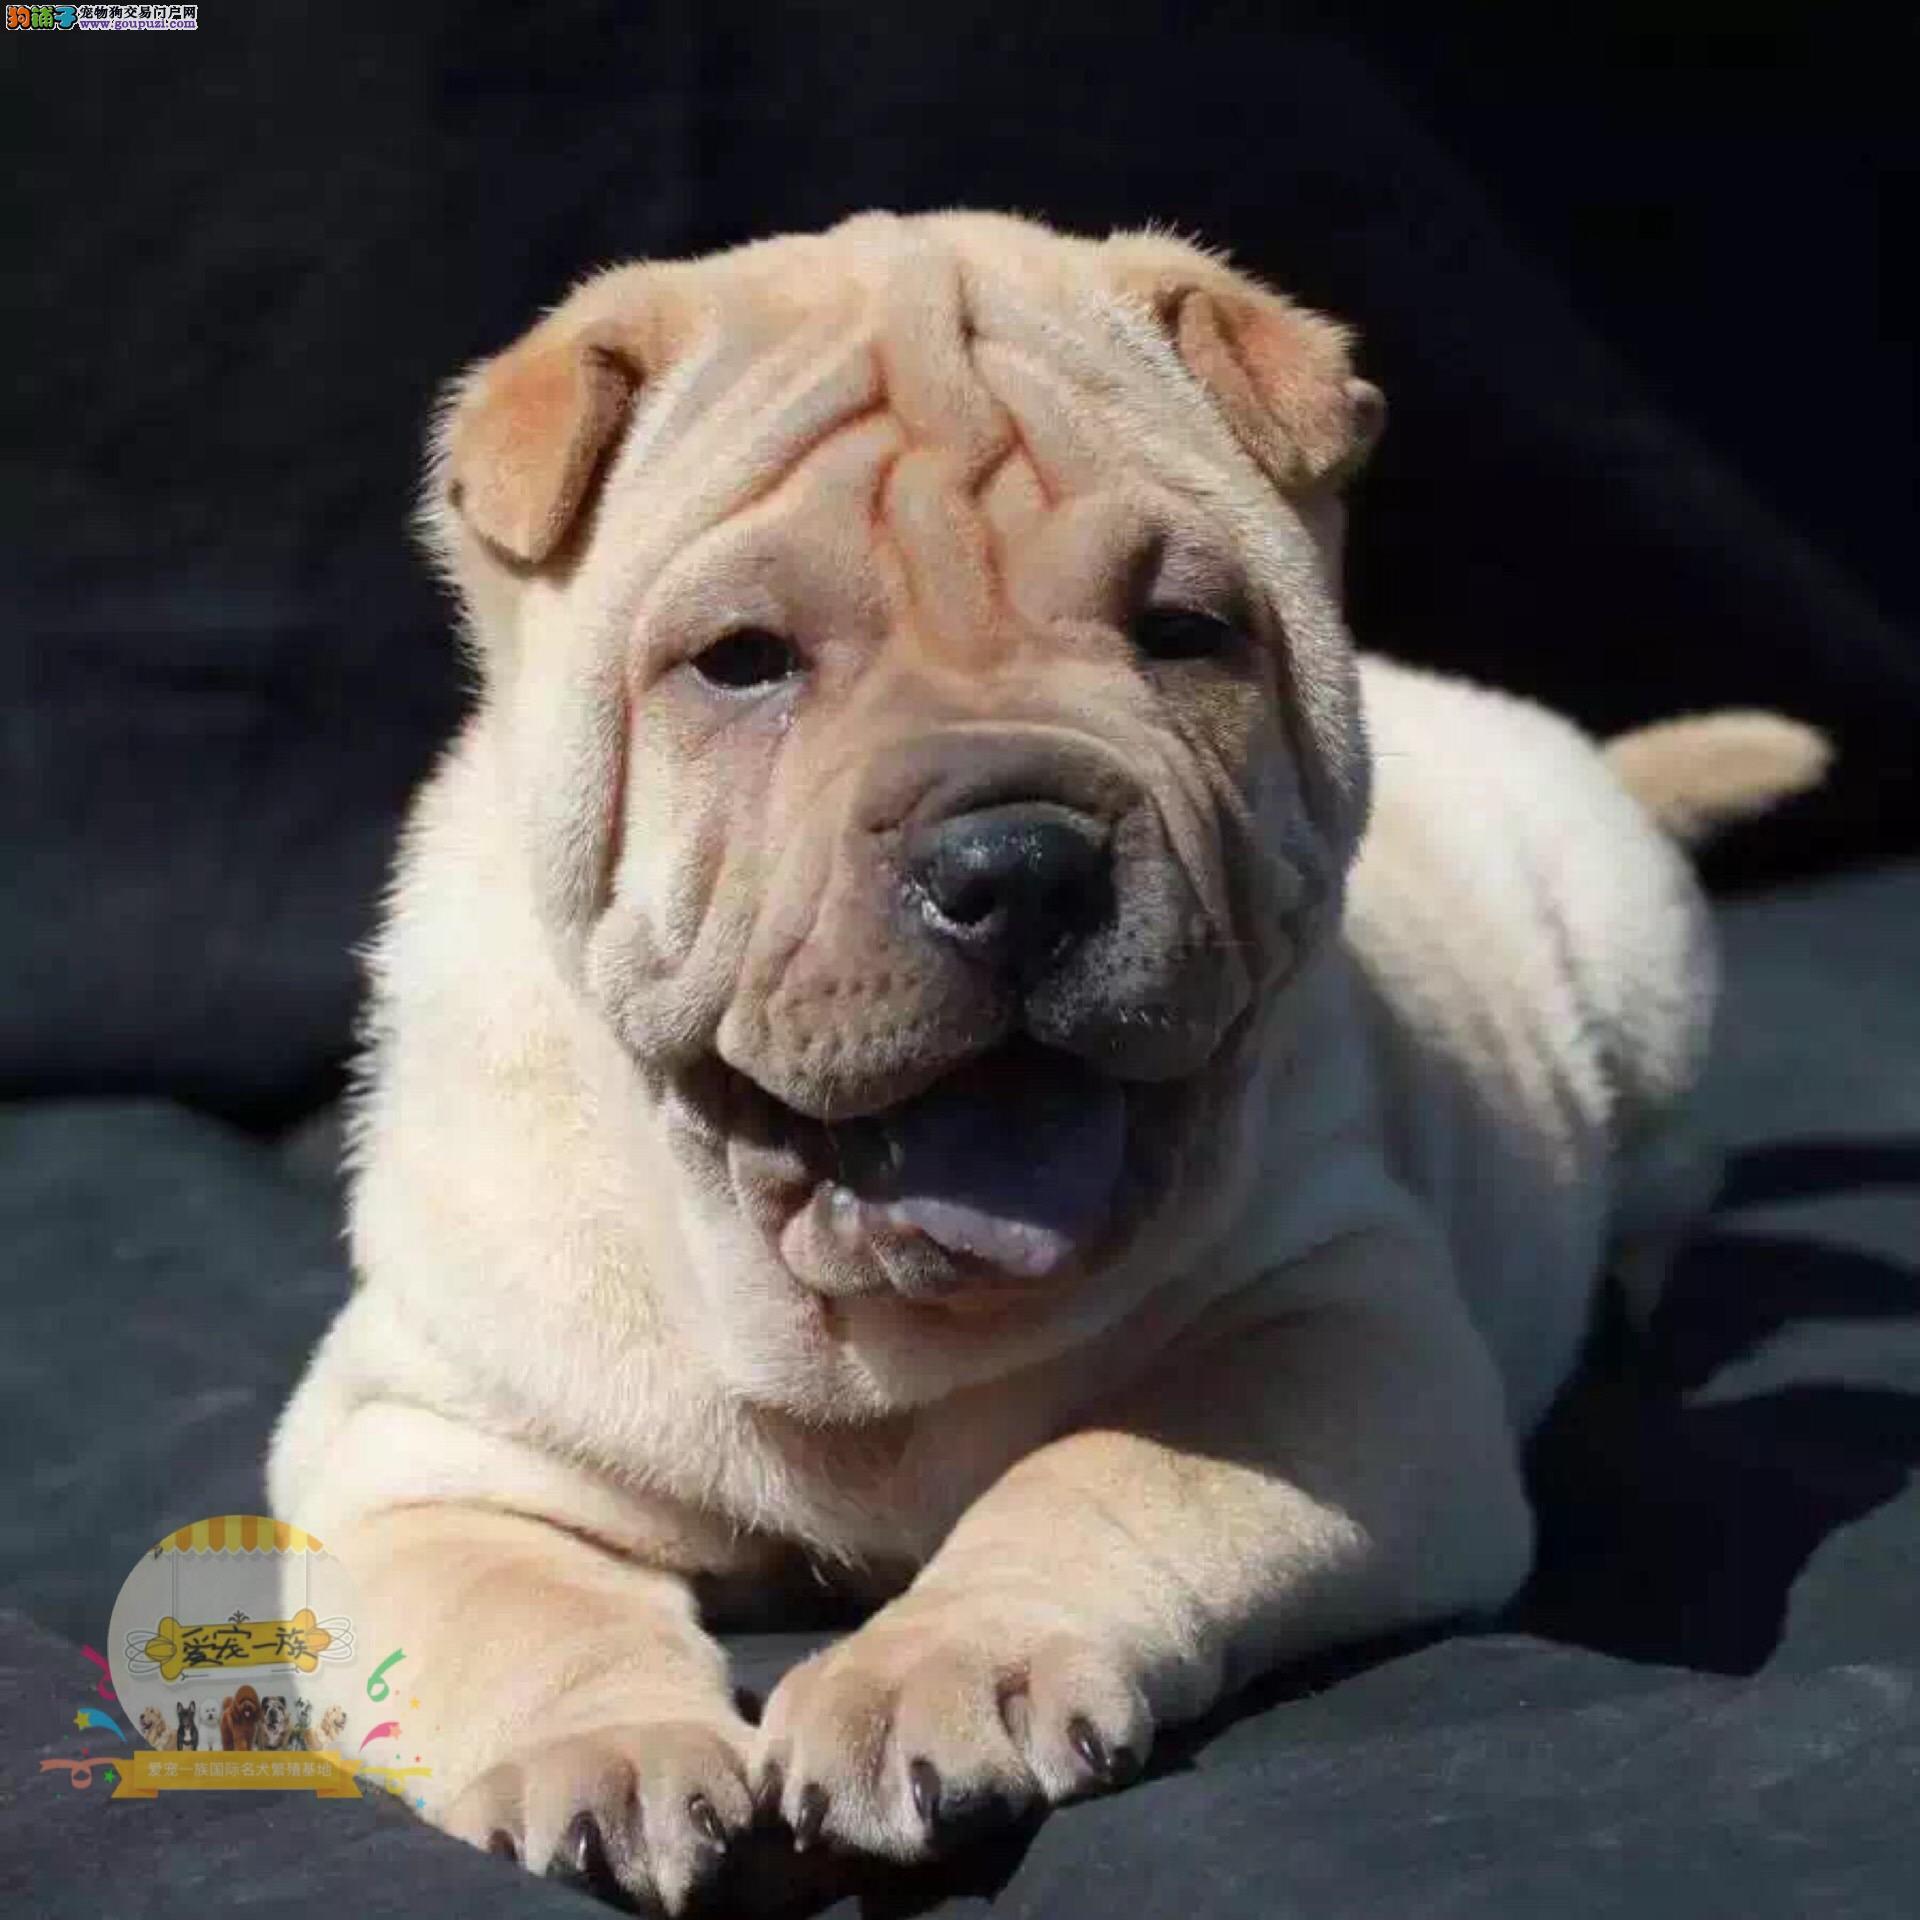 对主人忠诚 纯种沙皮犬 超可爱 健康纯正狗狗